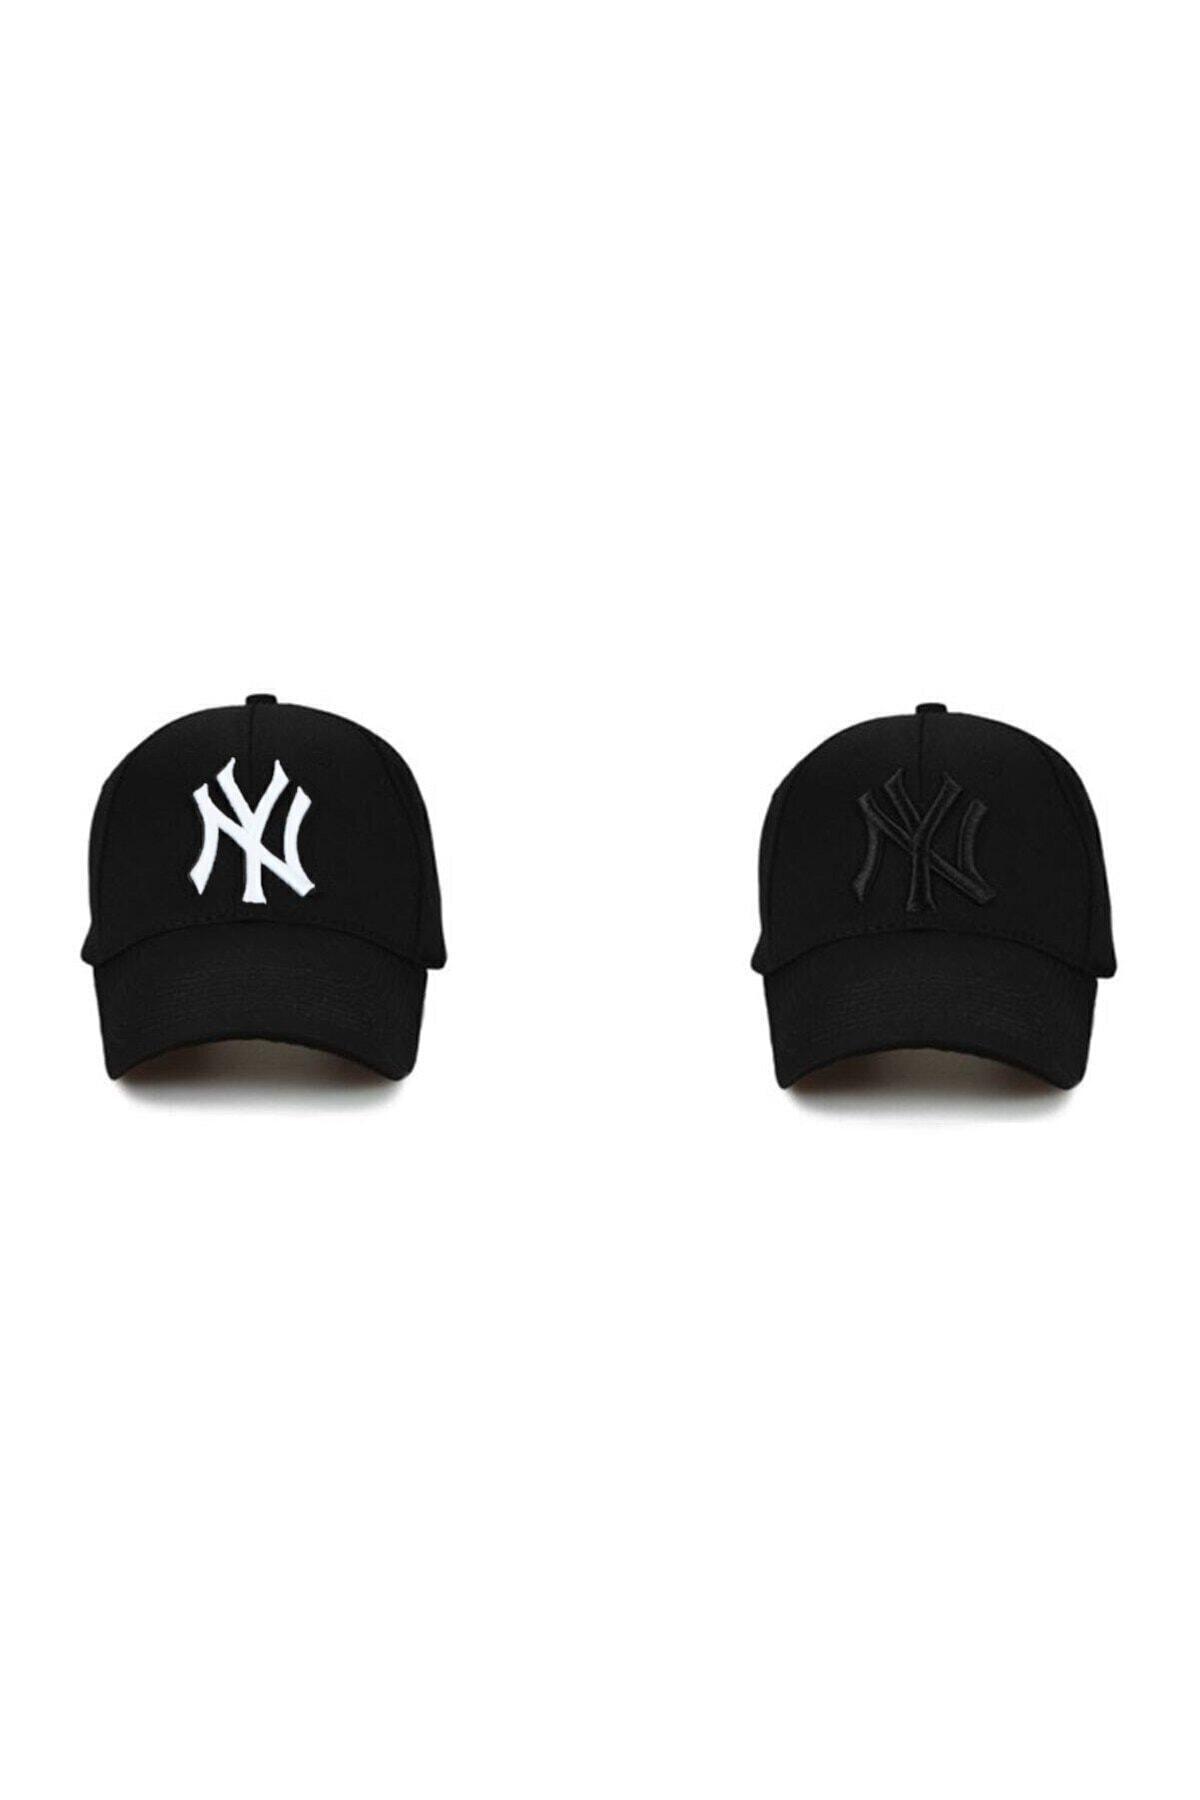 Ny New York Şapka Unisex Siyah Şapka 2'li Ikili Set